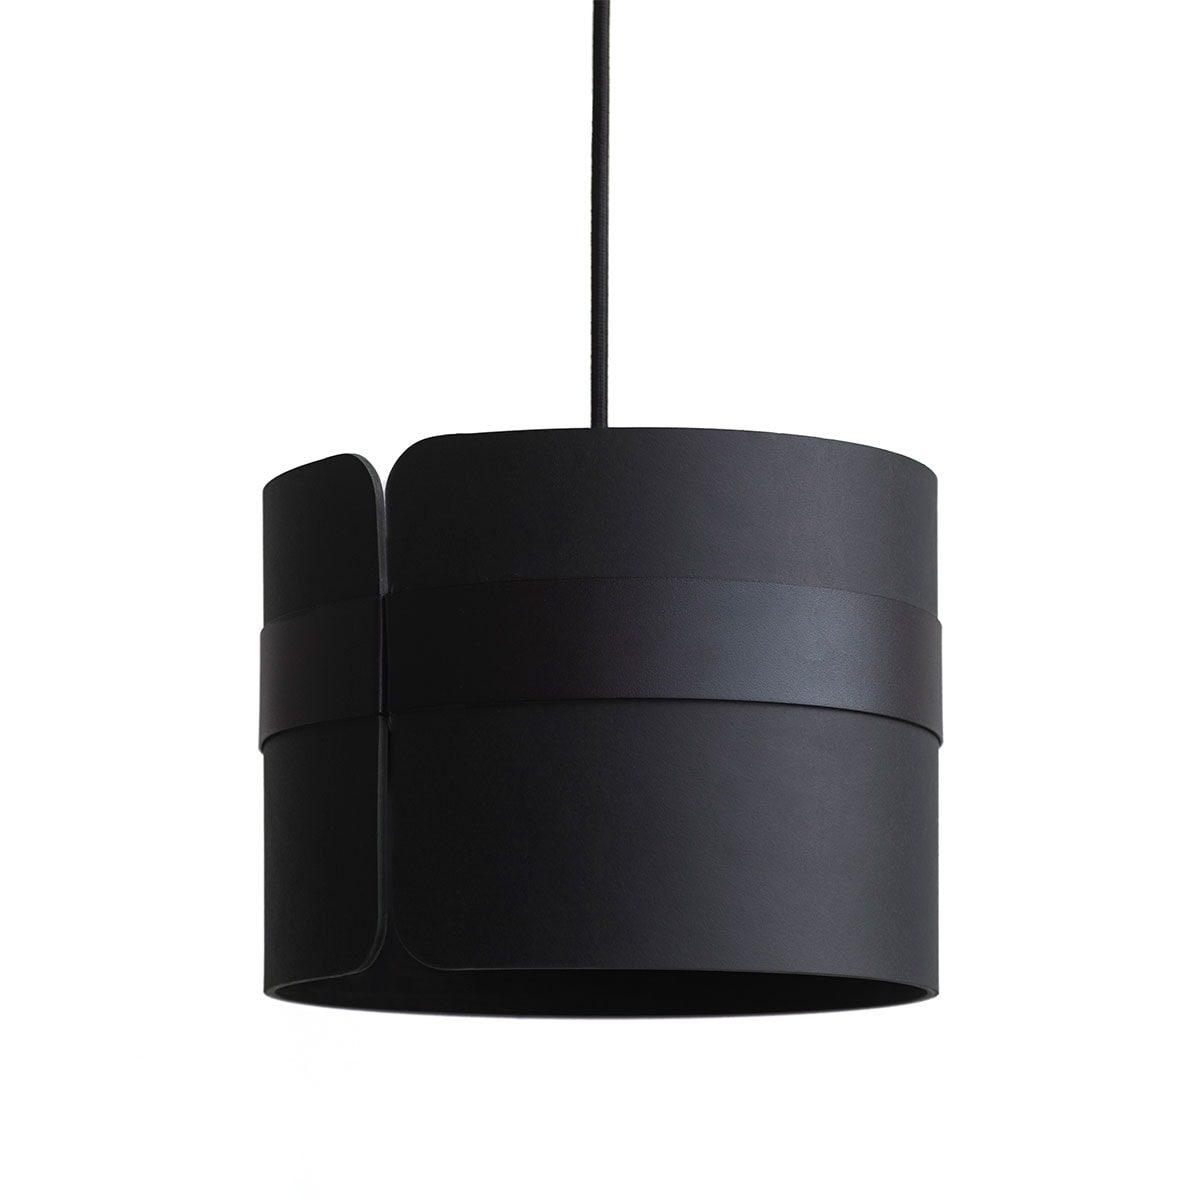 Zwart Houtskool Hanglamp Black Verlichting Vij5 Malda